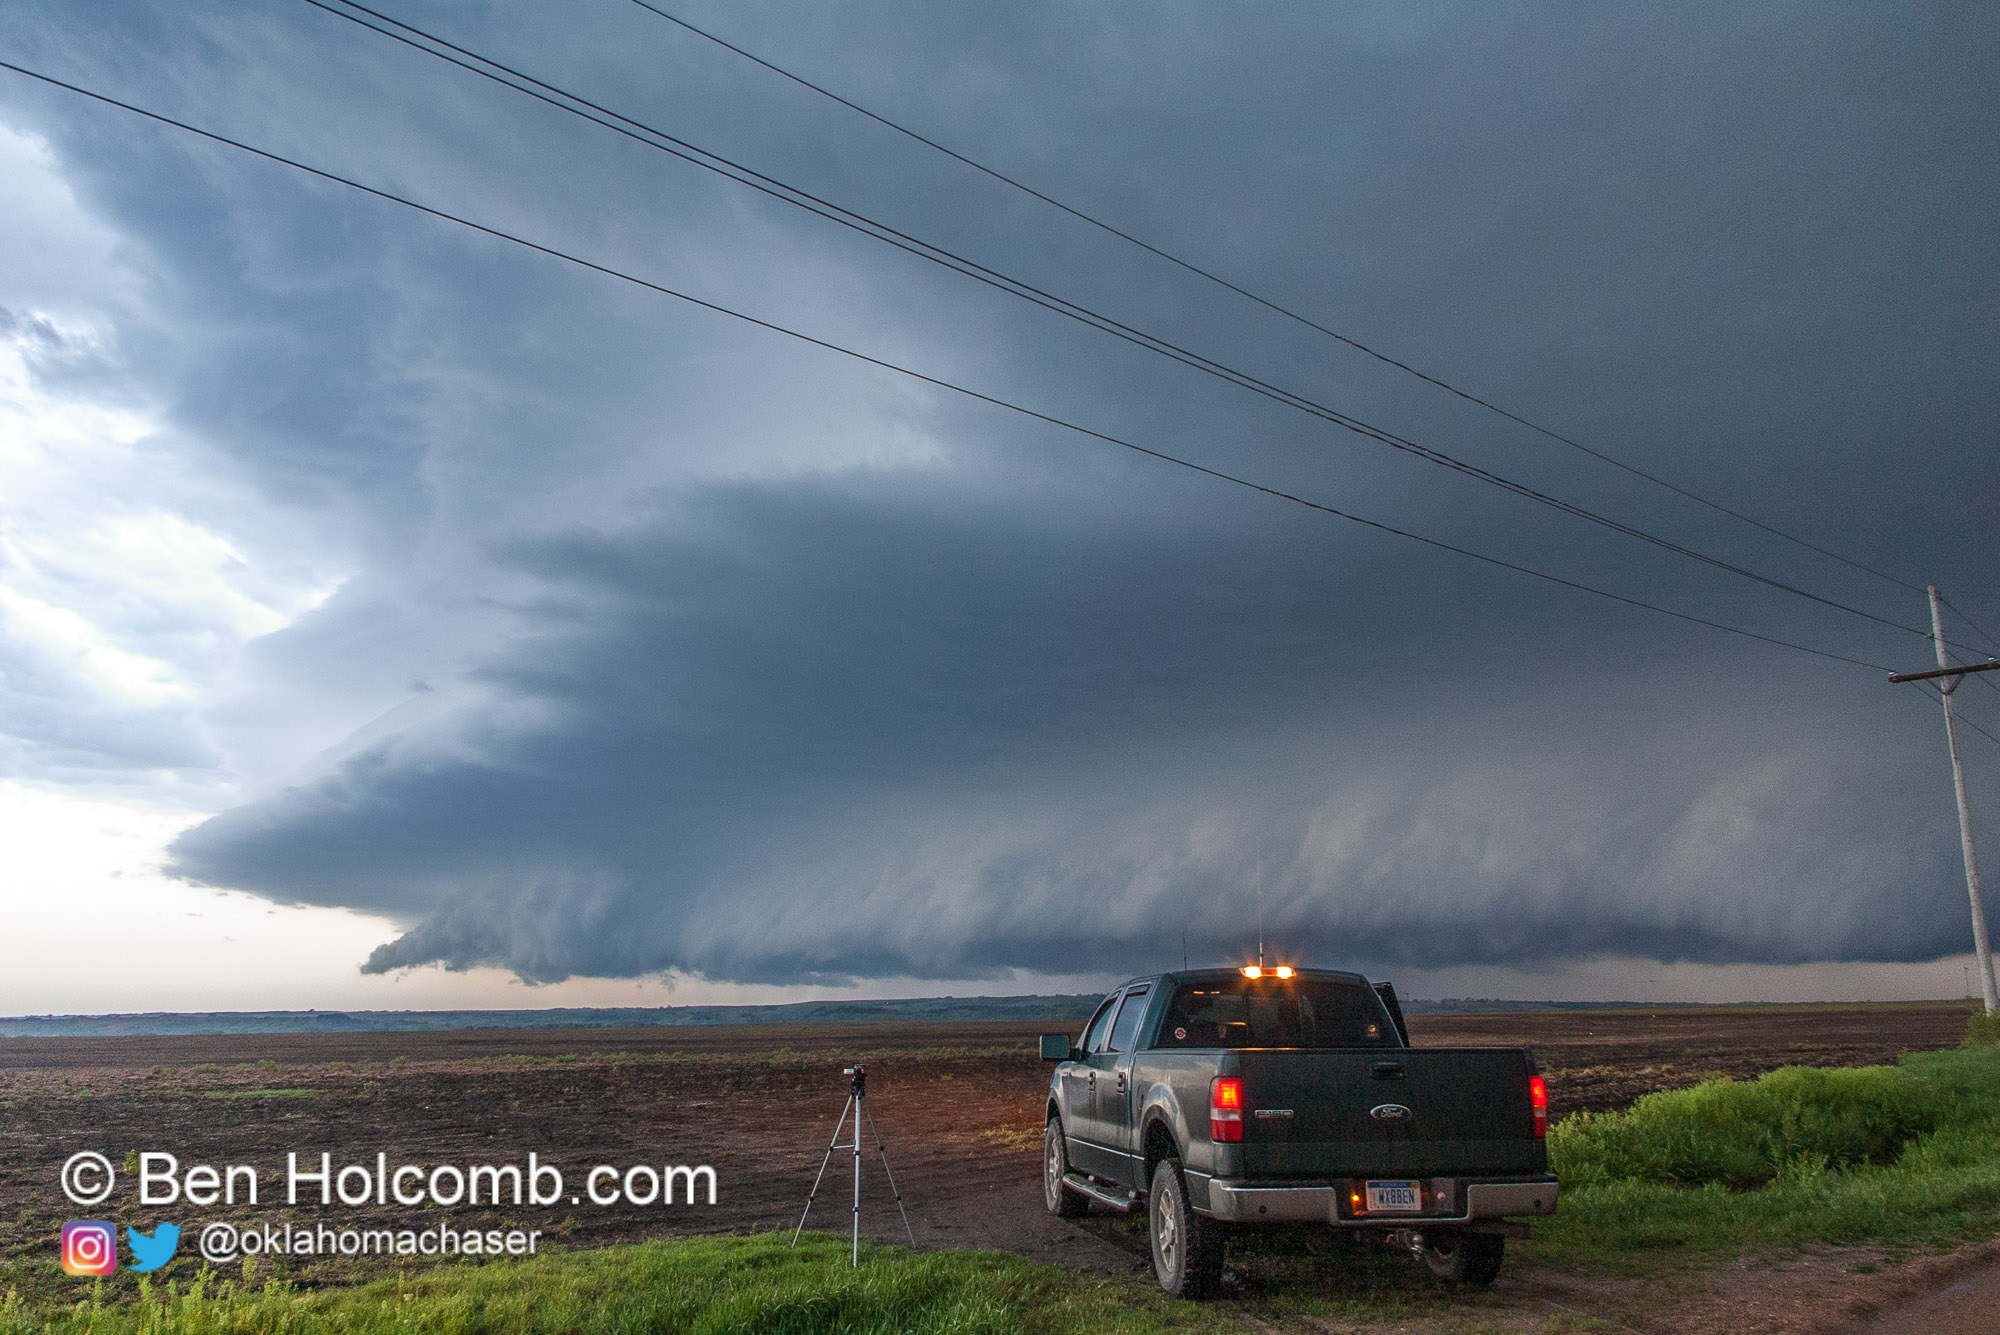 Washington County Kansas Tornado